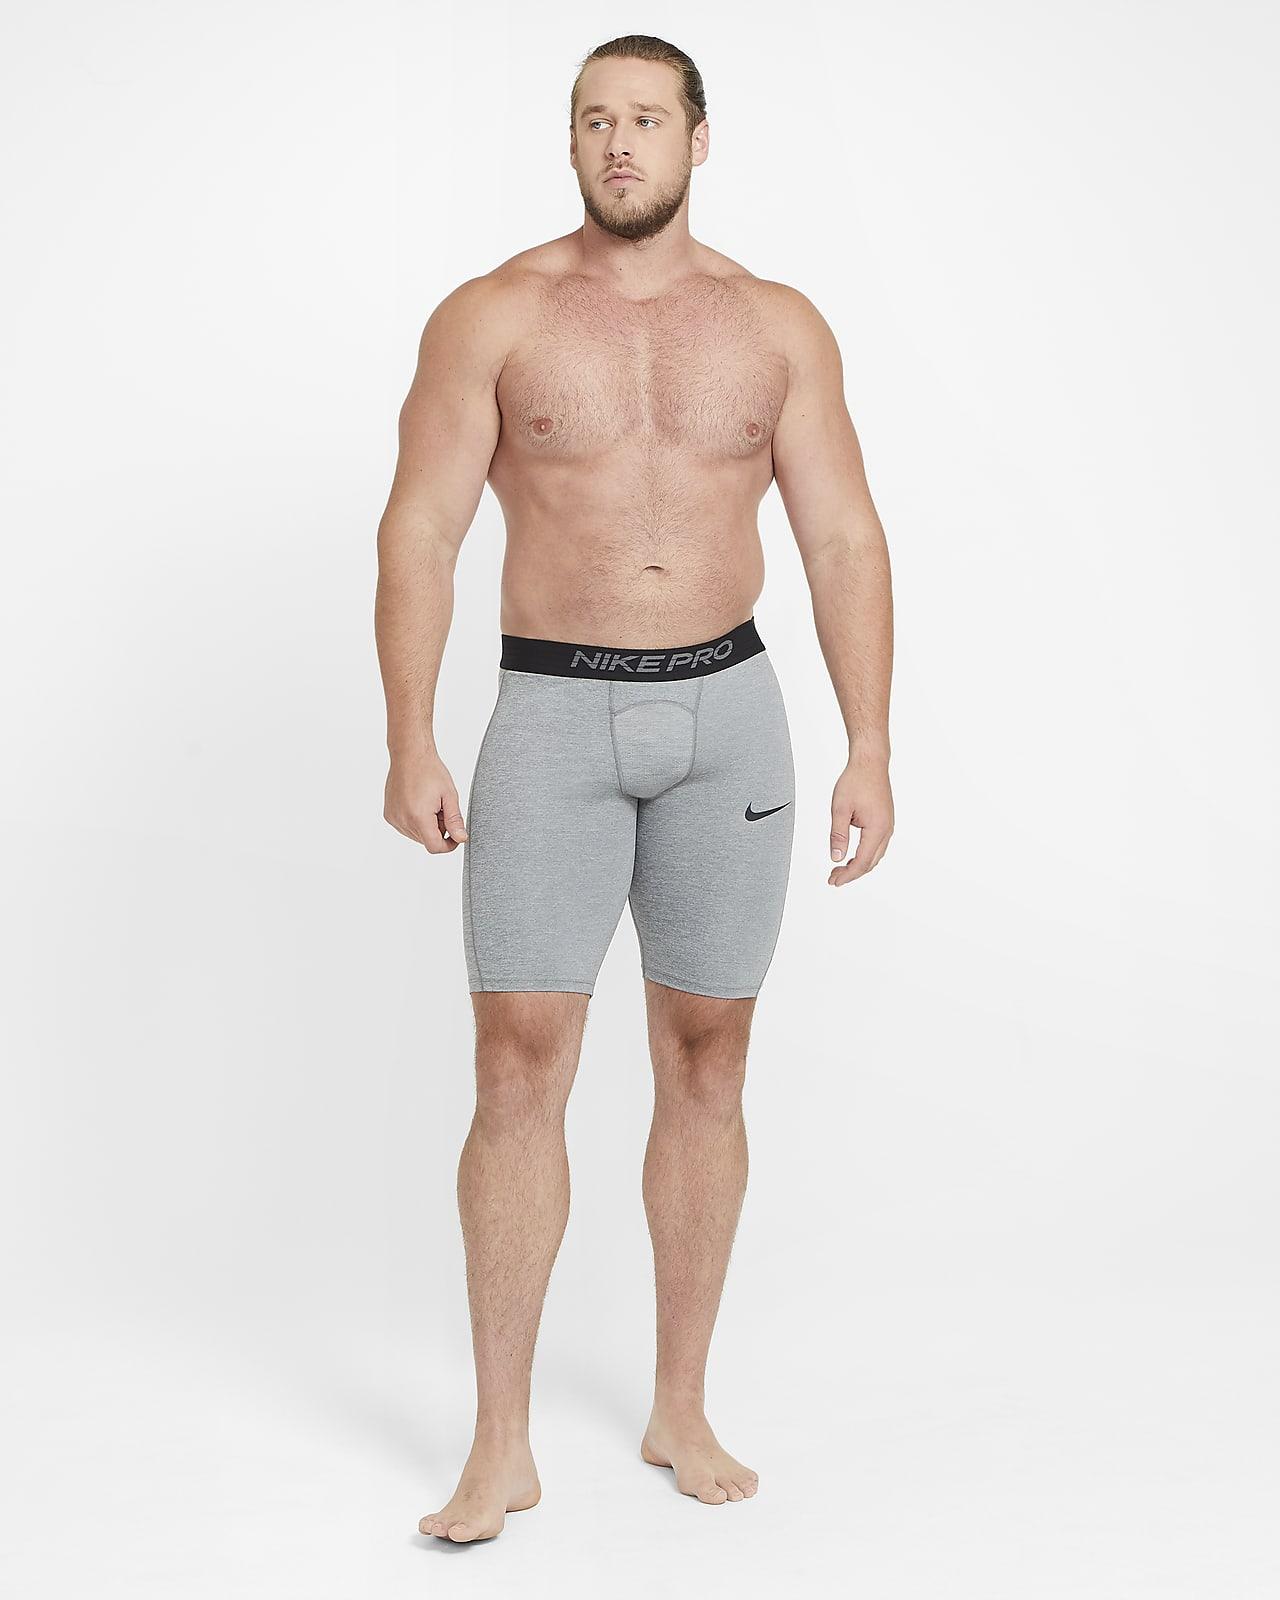 Hur man bär långa shorts